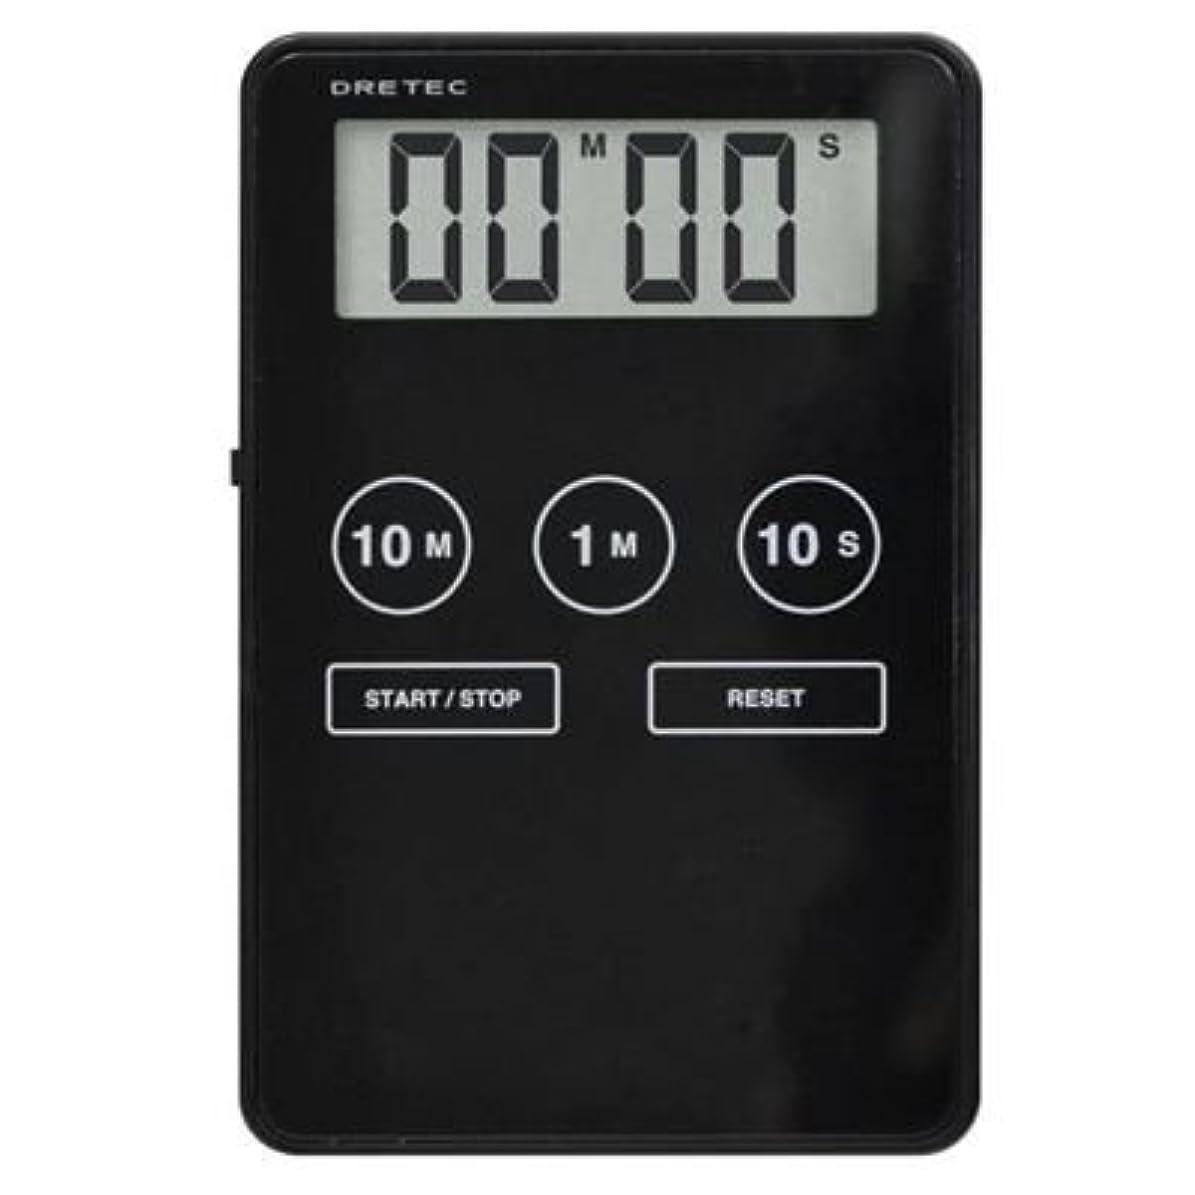 効率的に大原告バイブレーションタイマー【i-timer】 (黒)